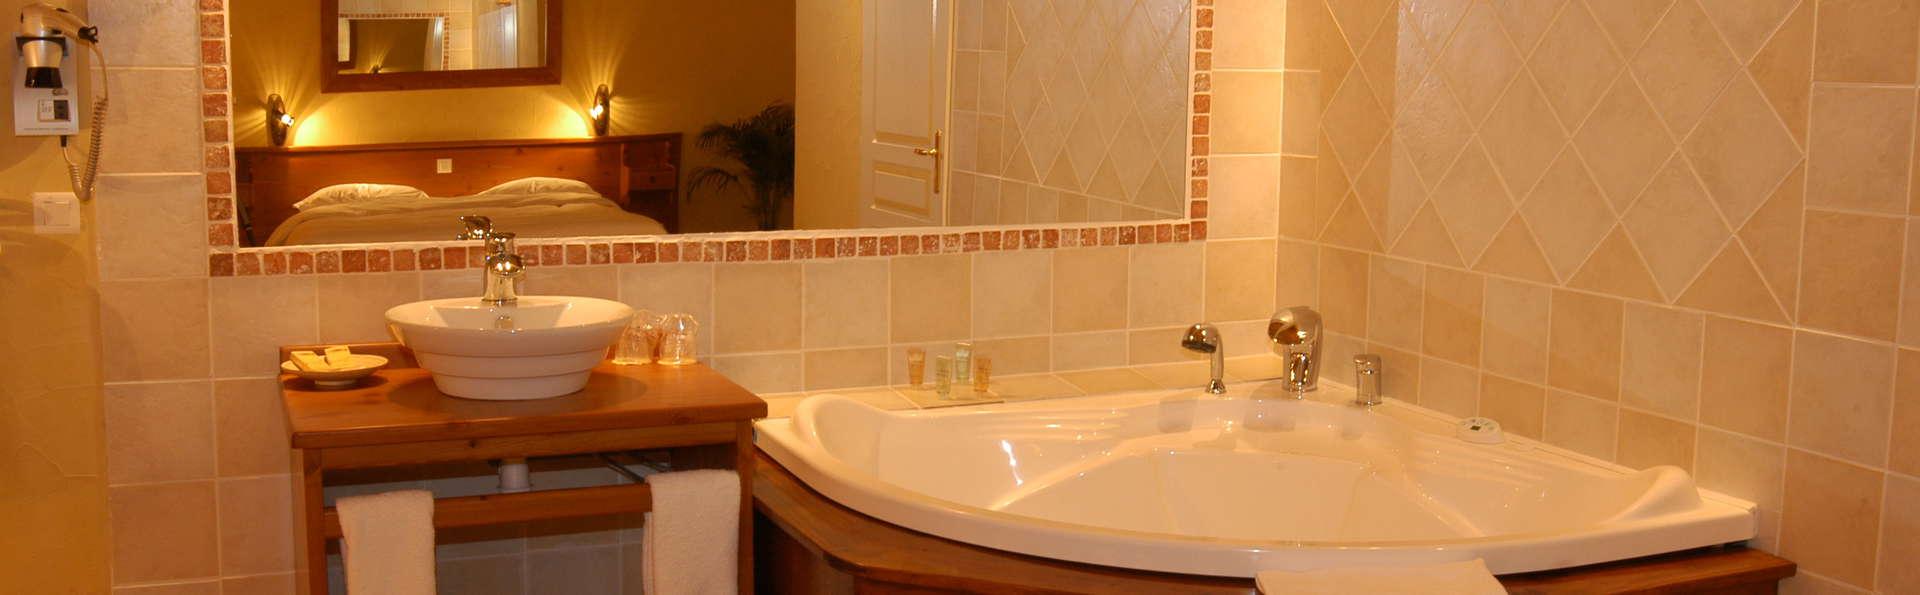 Hôtel Le Mont Thabor - Salle de bain